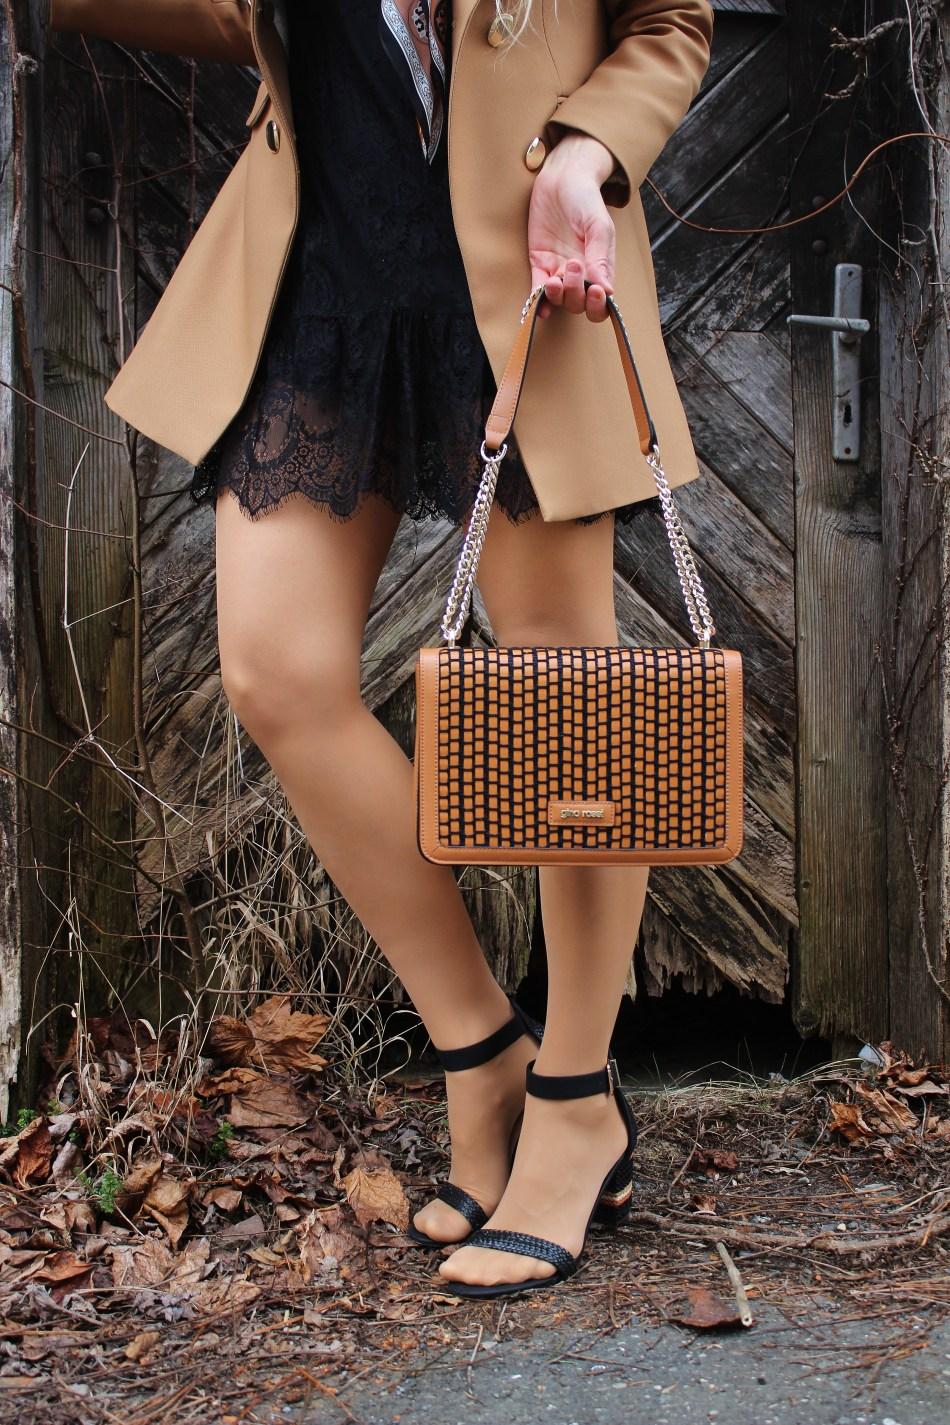 Camel-Blazer-Longblazer-Zara-Spitzenkleid-Sandals-CCC-Shoes-and-Bags-carrieslifestyle-tamara-prutsch